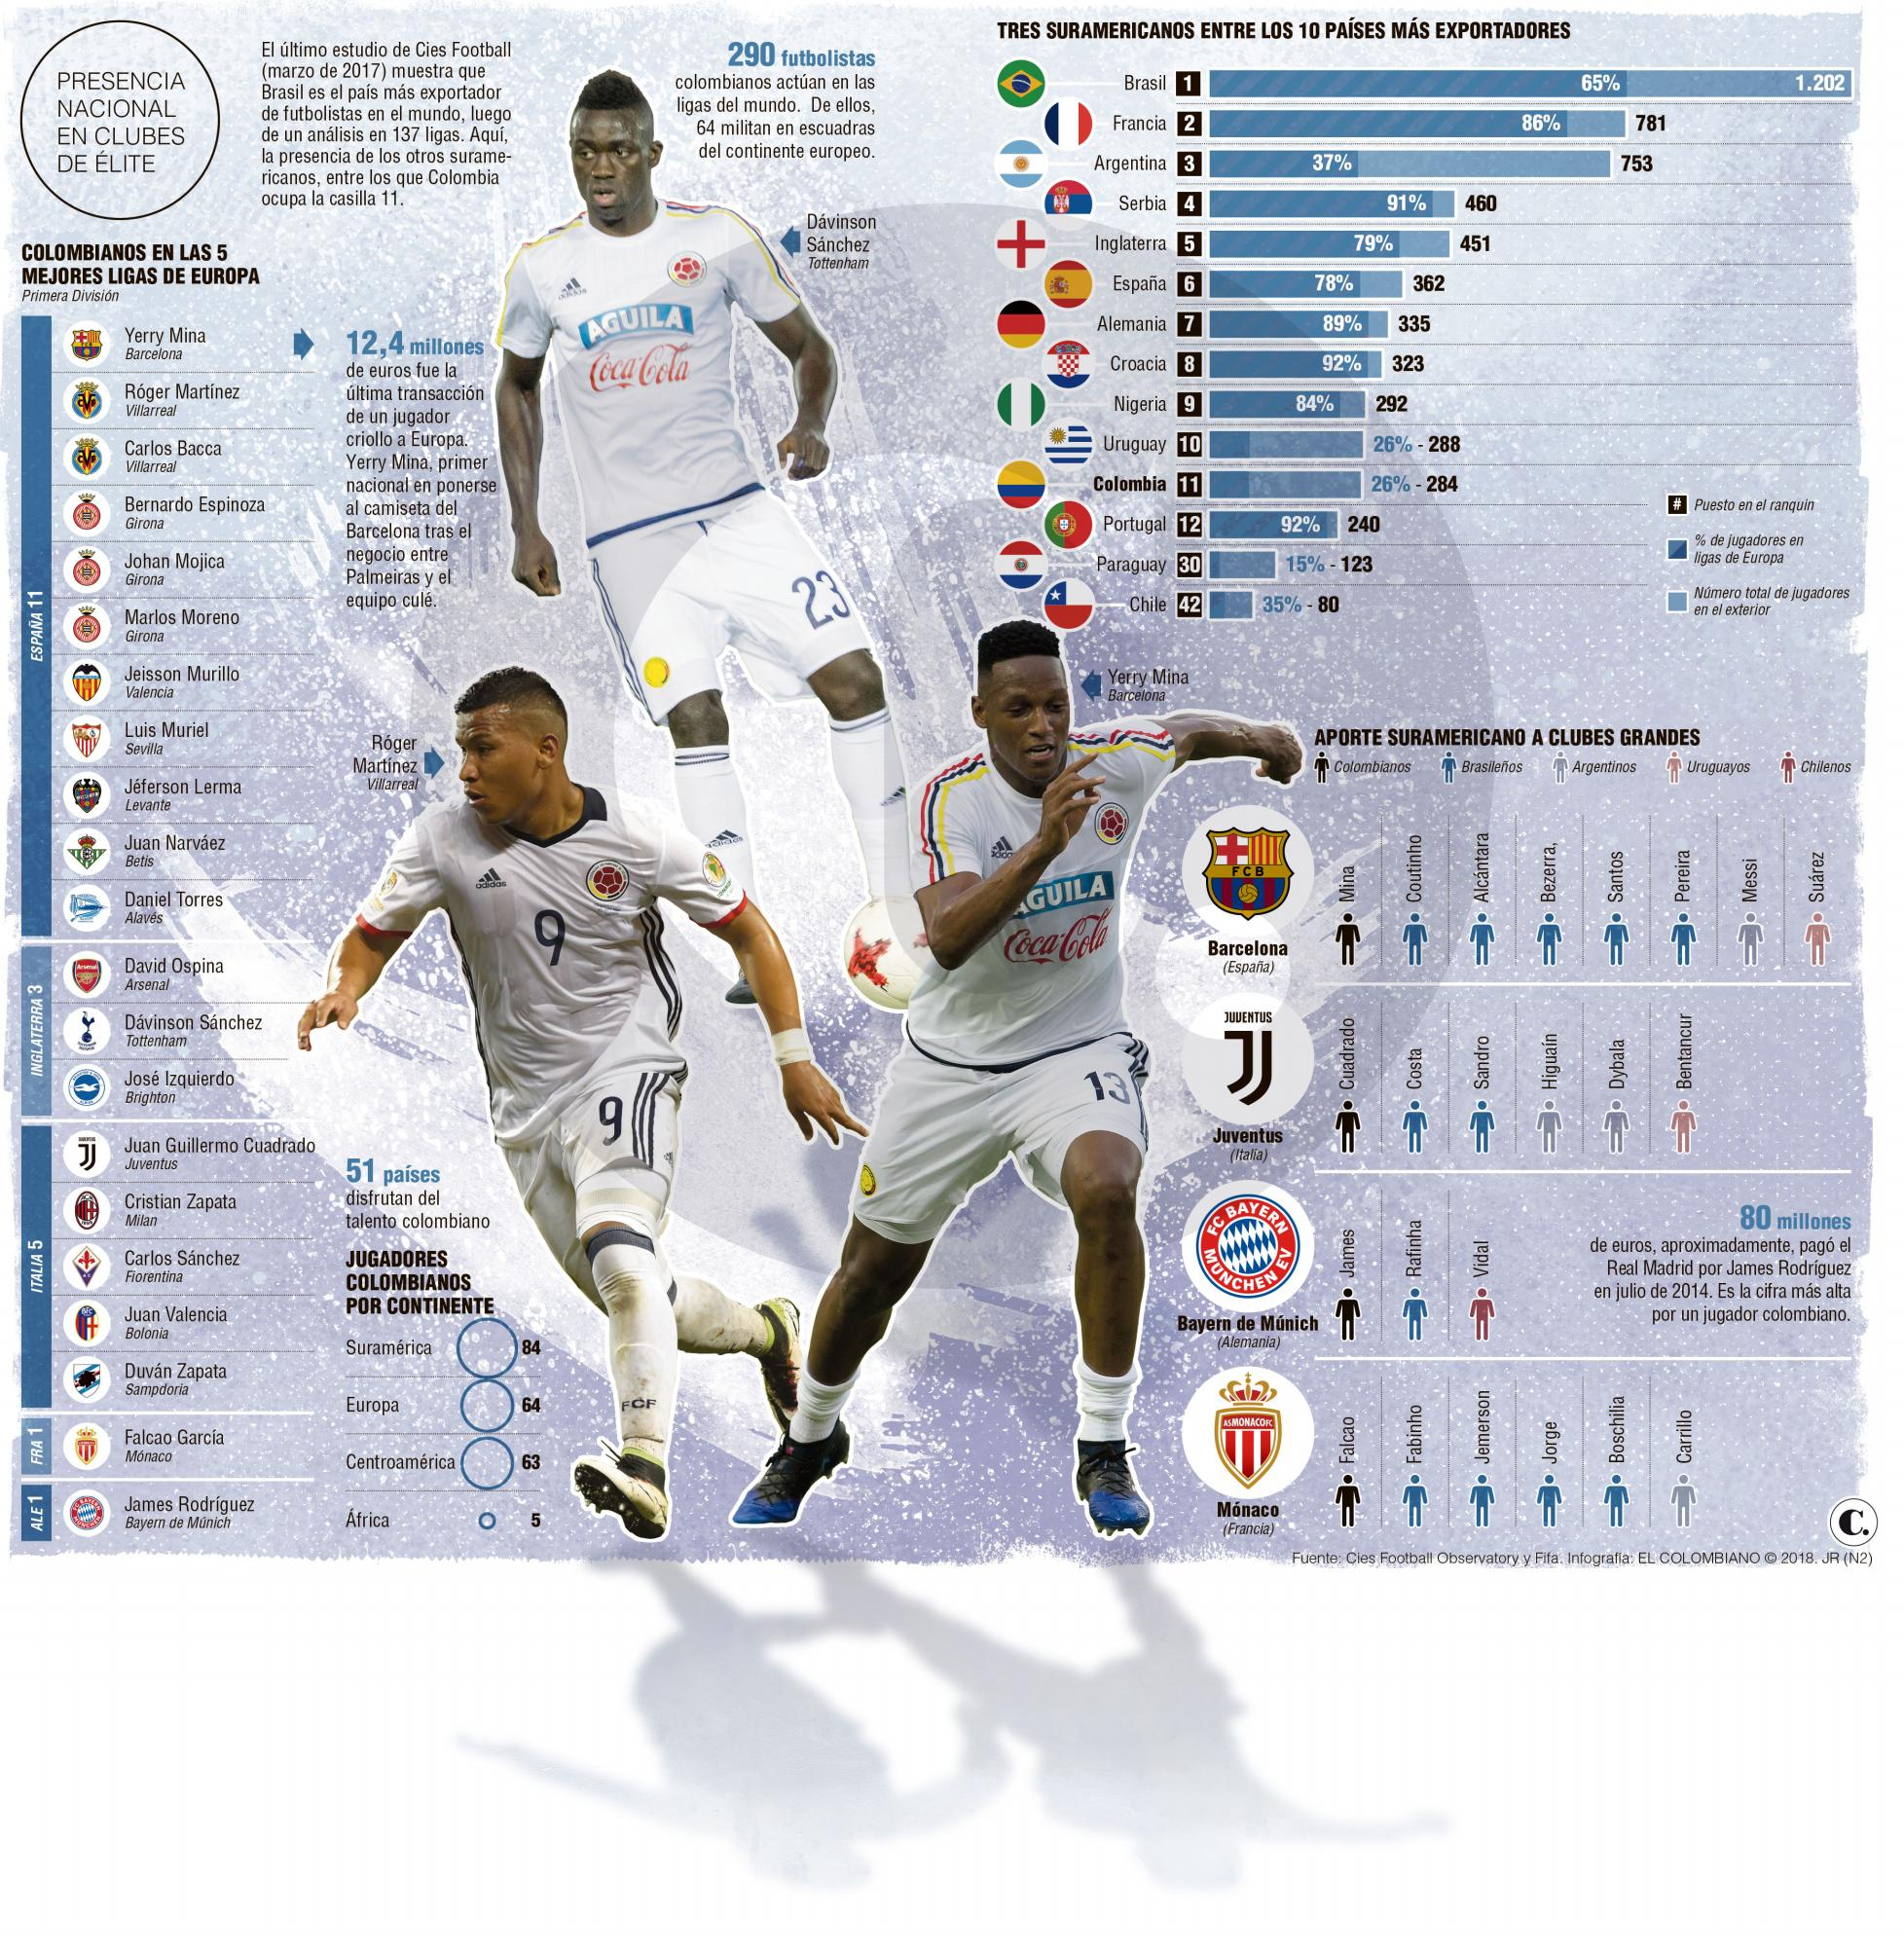 Colombia crece en exportación de futbolistas a Europa